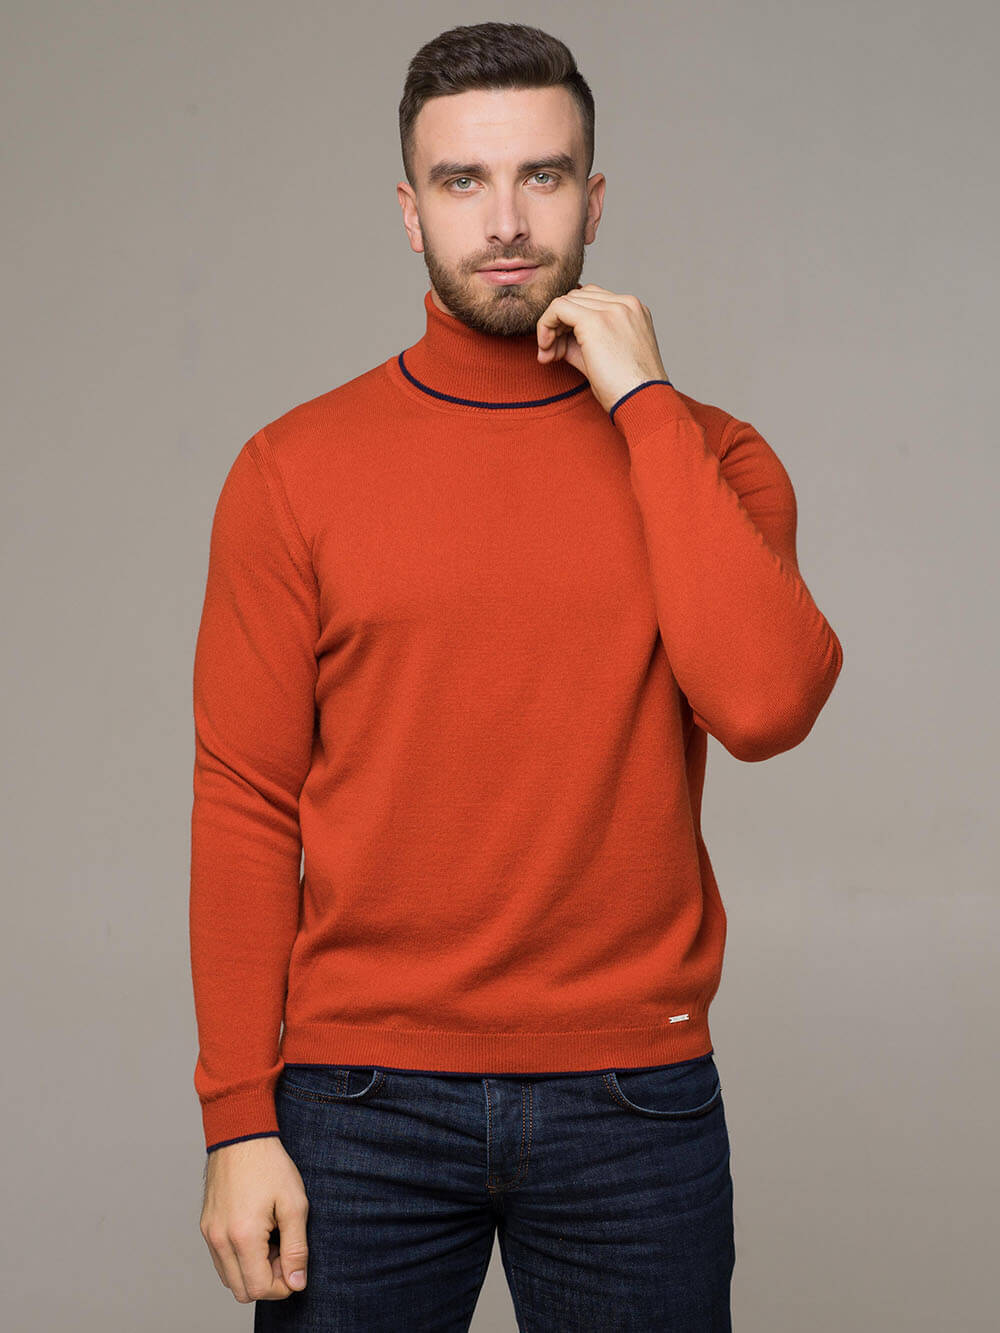 Мужской джемпер оранжевого цвета из 100% кашемира - фото 1